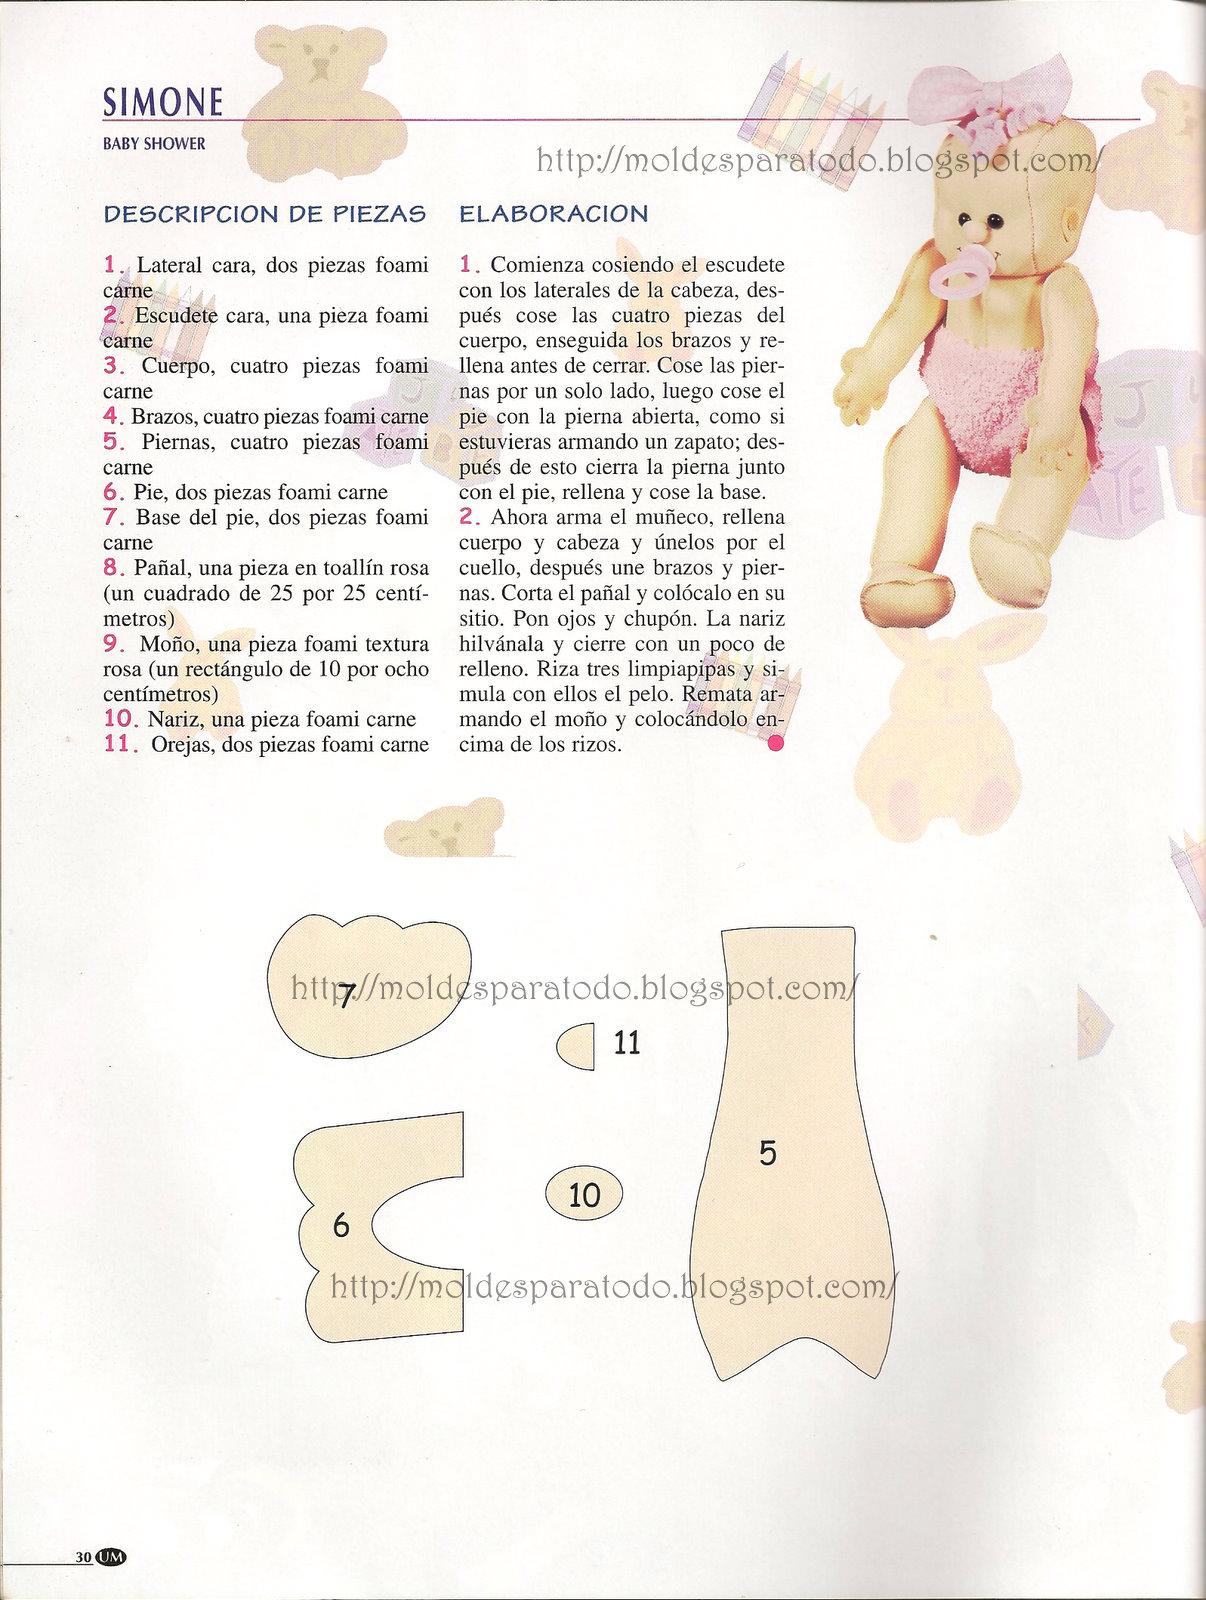 Moldes para Todo: °° Bebé en fomi 3D °°